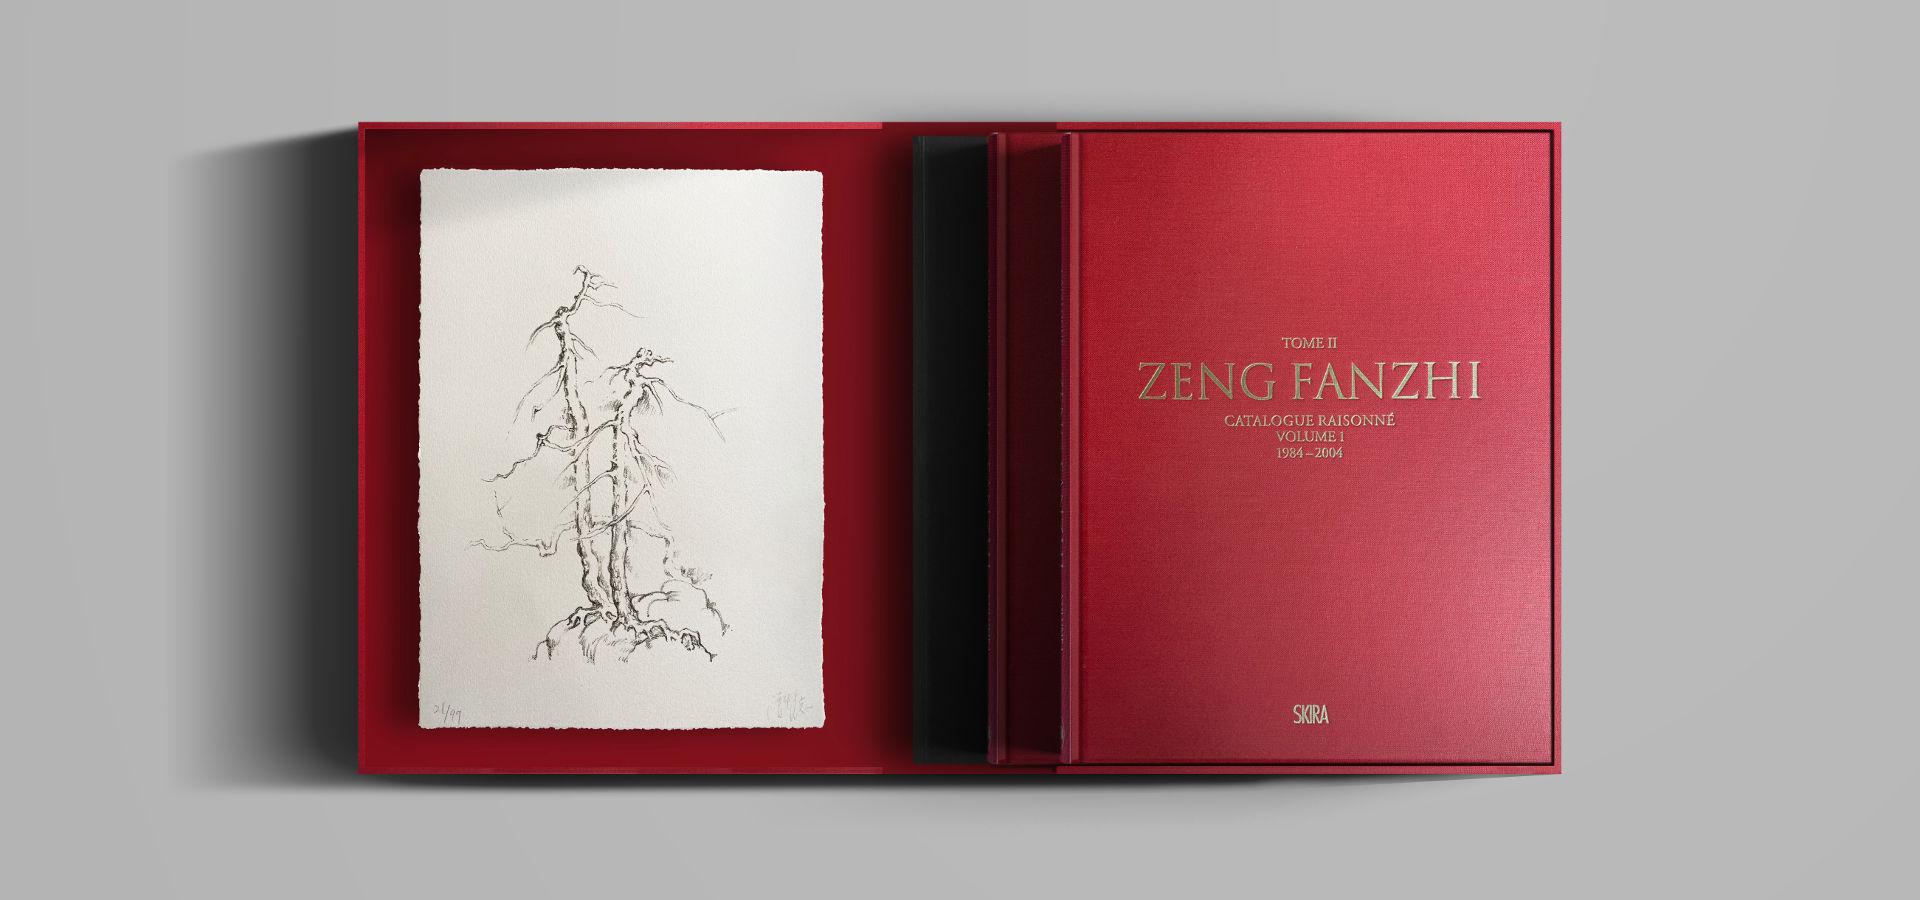 Zeng Fanzhi - Catalogue raisonné. Volume I